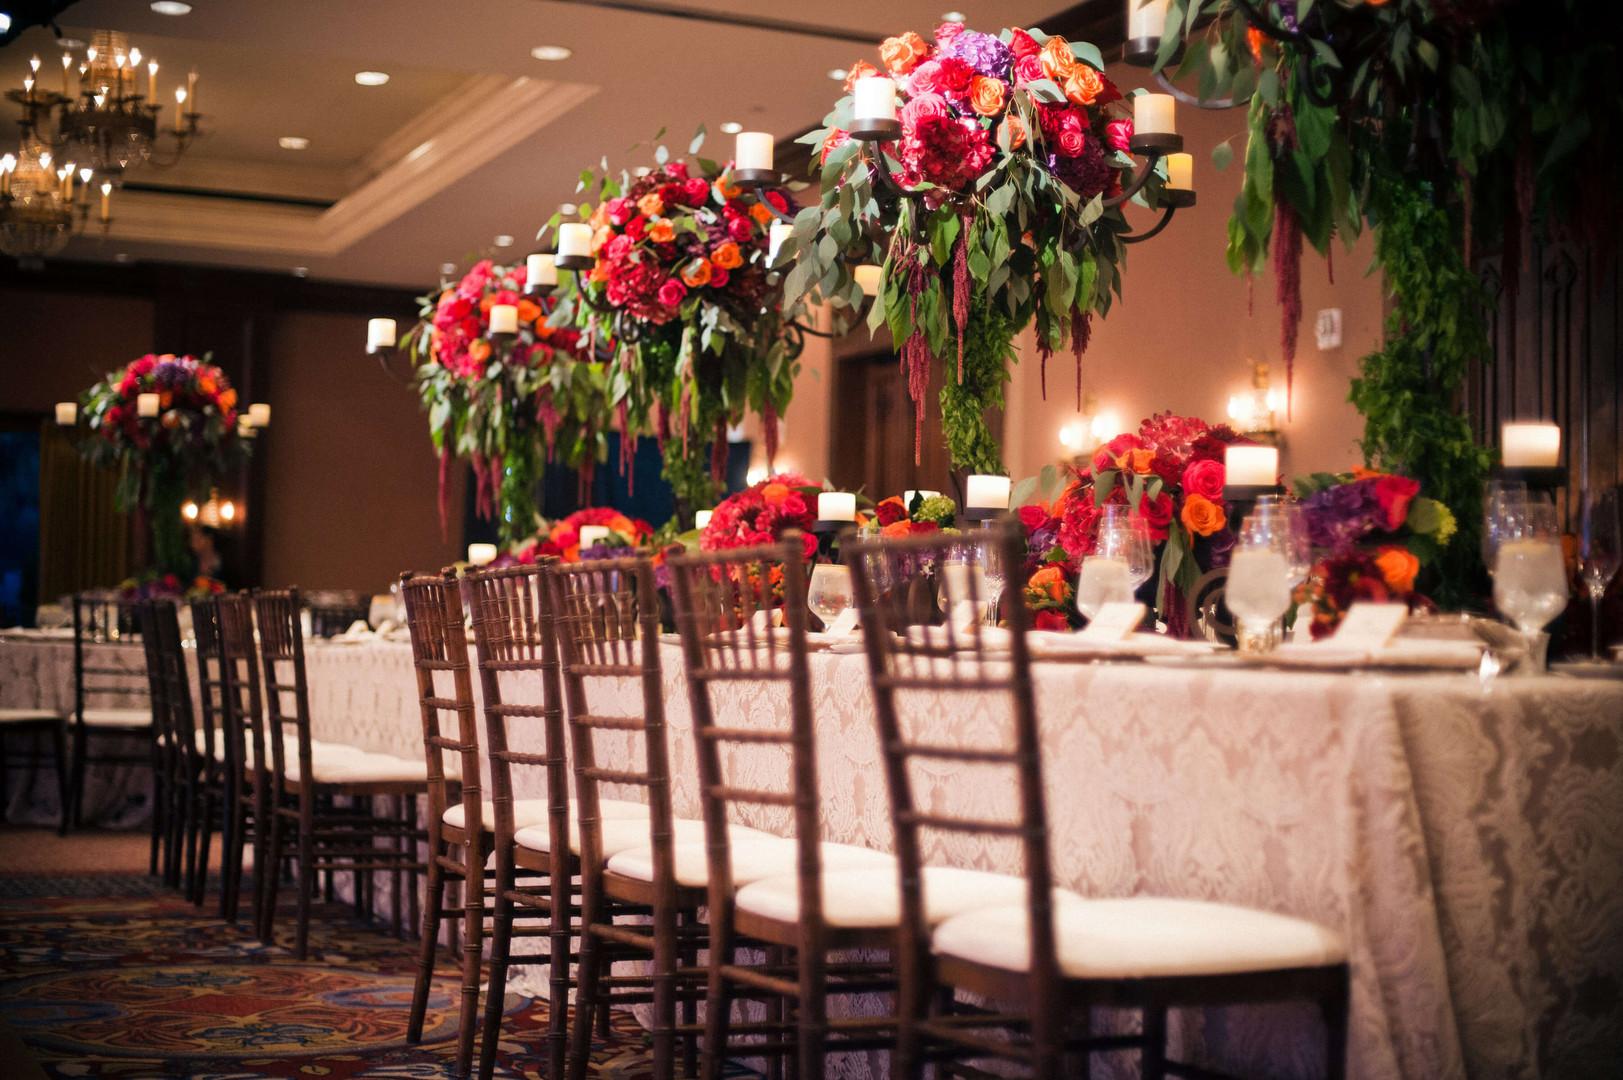 Rustic wedding at The Arizona Biltmore